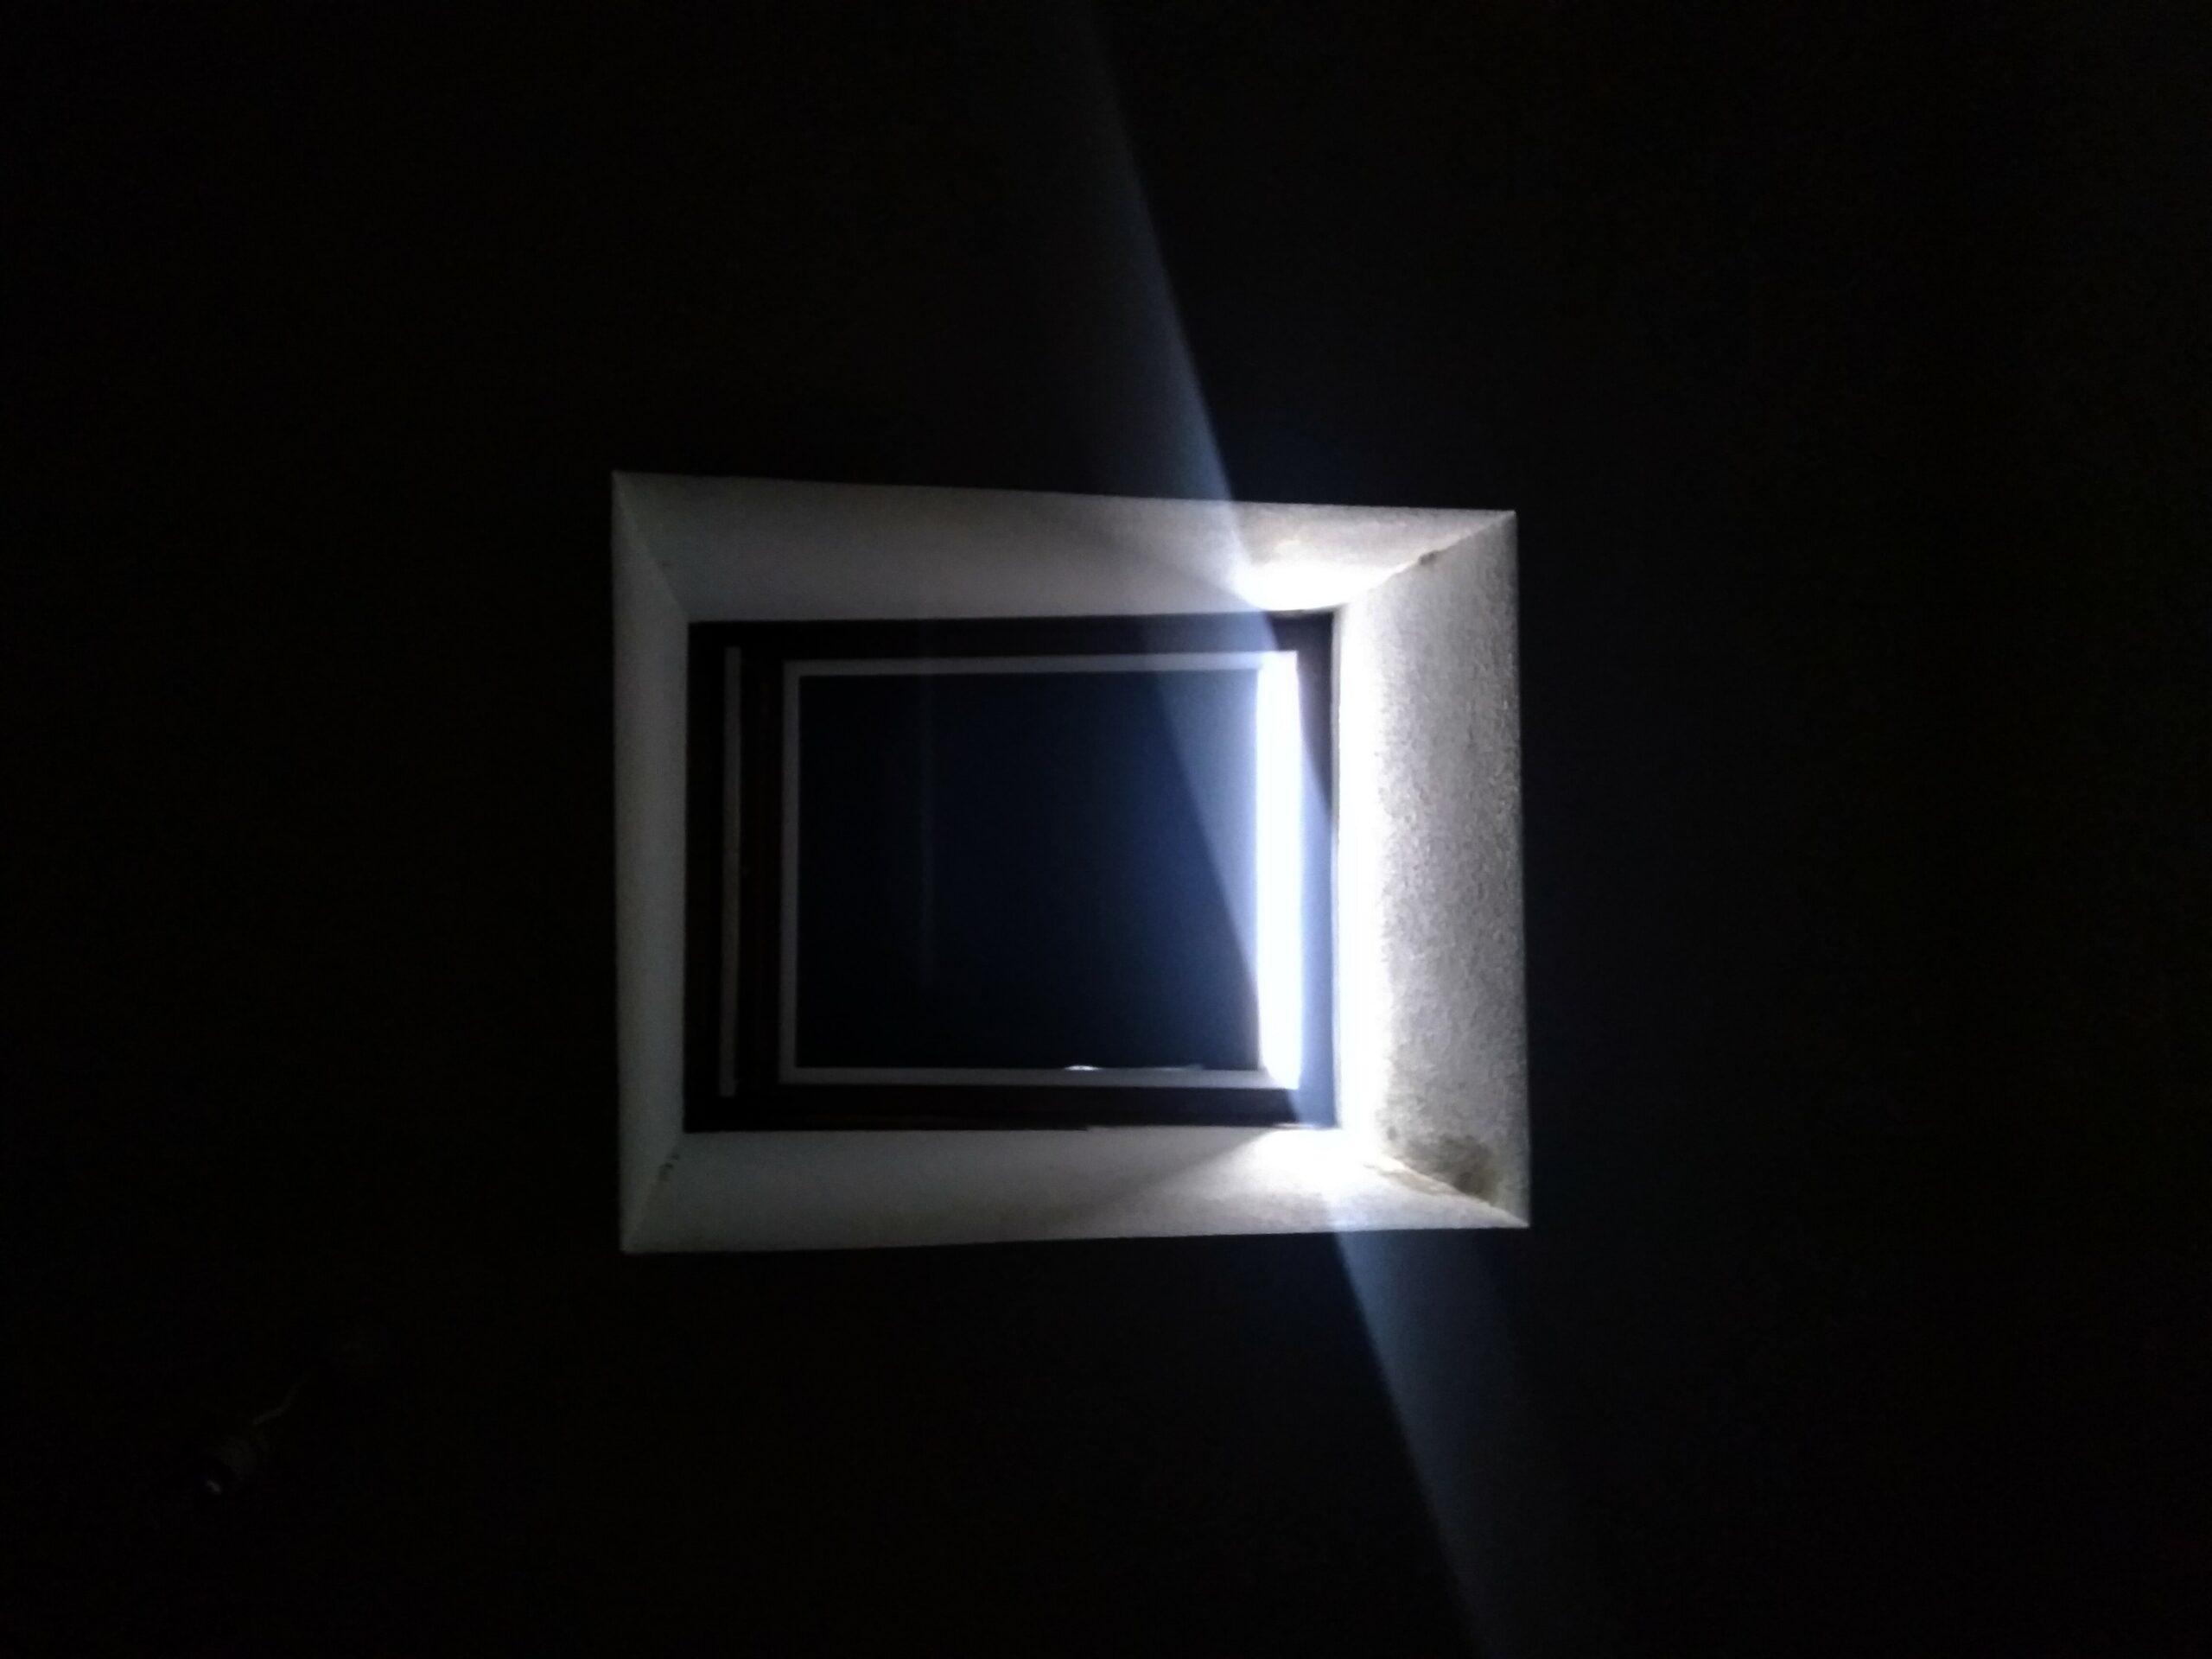 Photo d'un Velux®, fermé, vu d'en-dessous. Seul un rayon de lumière réussit à passer à travers.